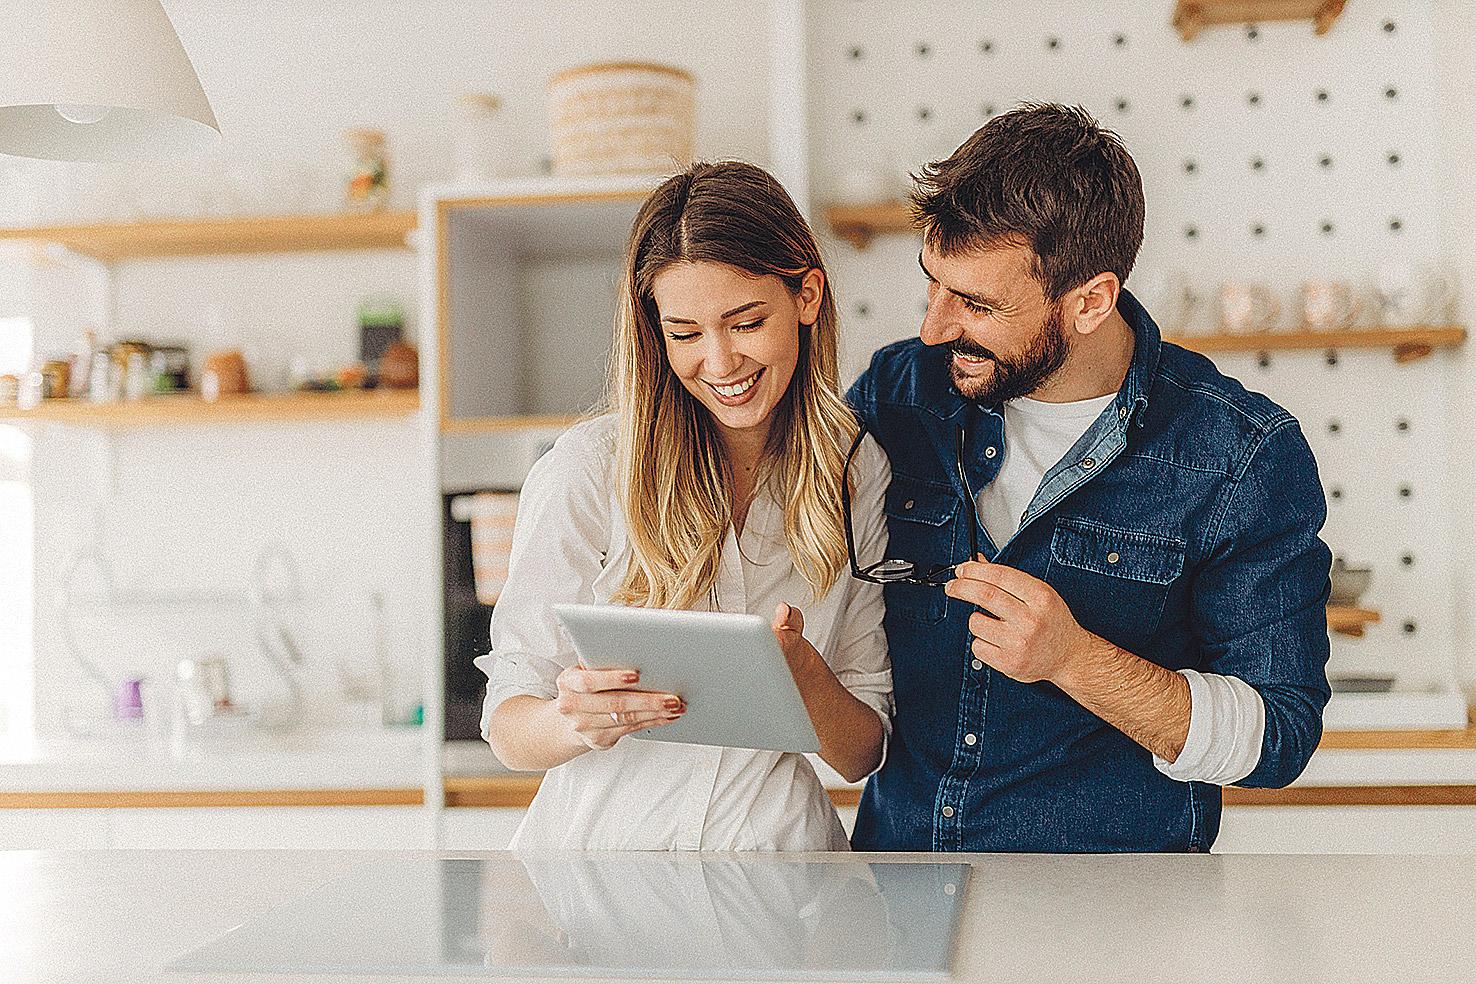 Paar guckt sich zusammen etwas auf einem Tablet an. Thema: Digitale Transformation im Gesundheitswesen